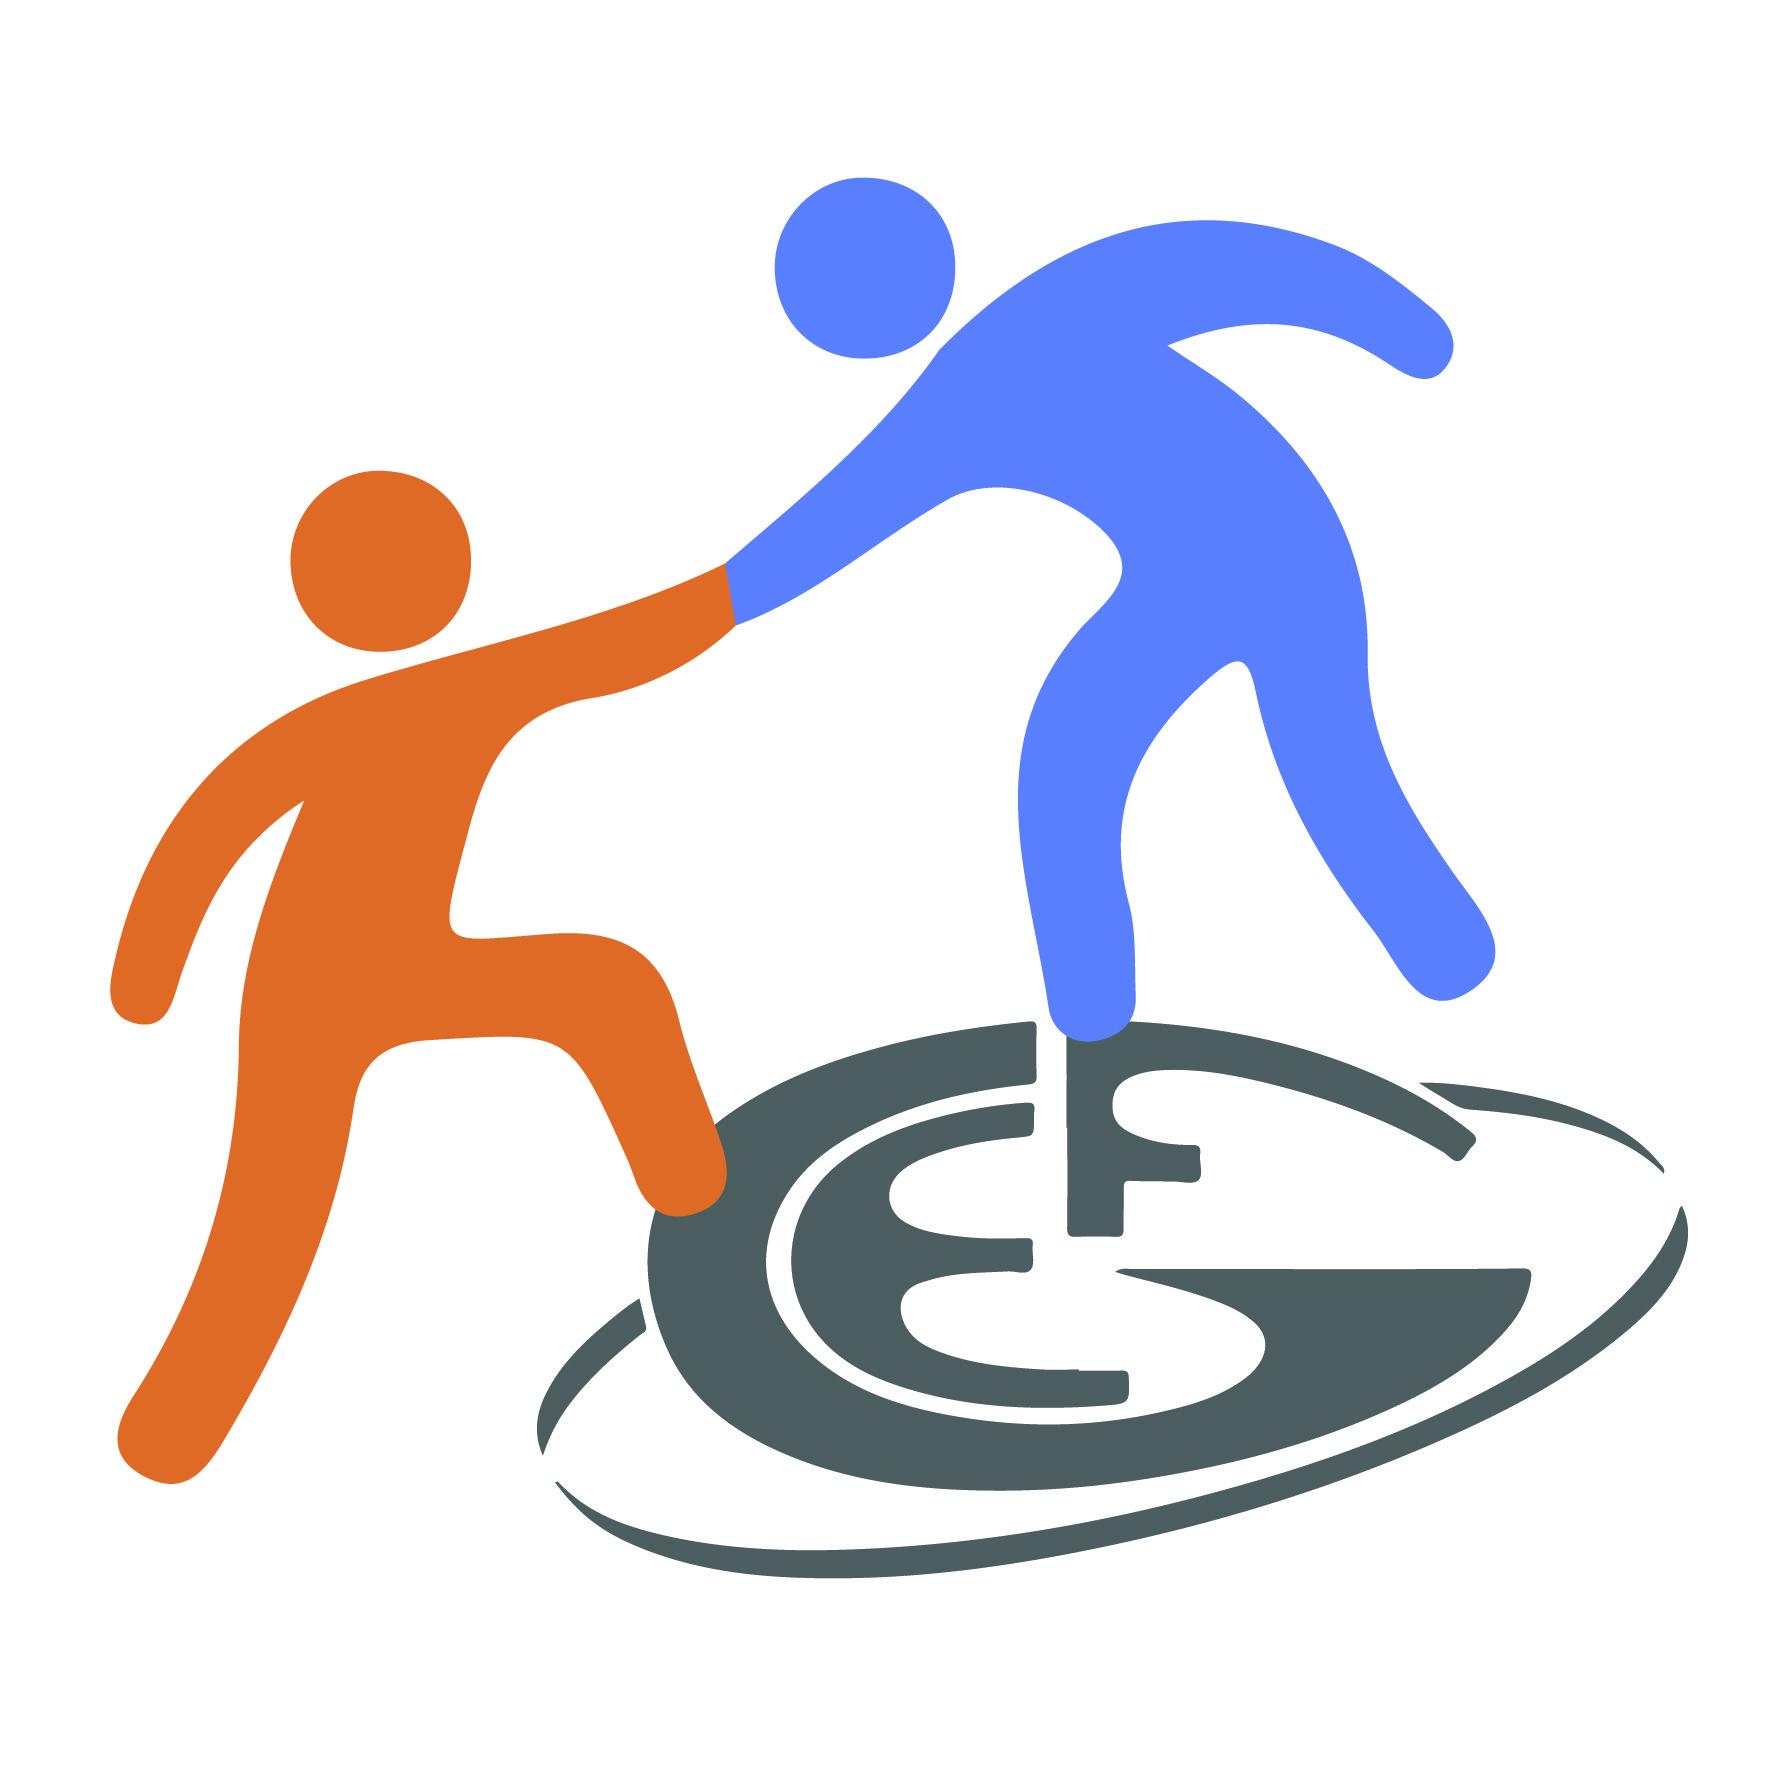 EFG Mentoring Programme: new deadline for application 21 February